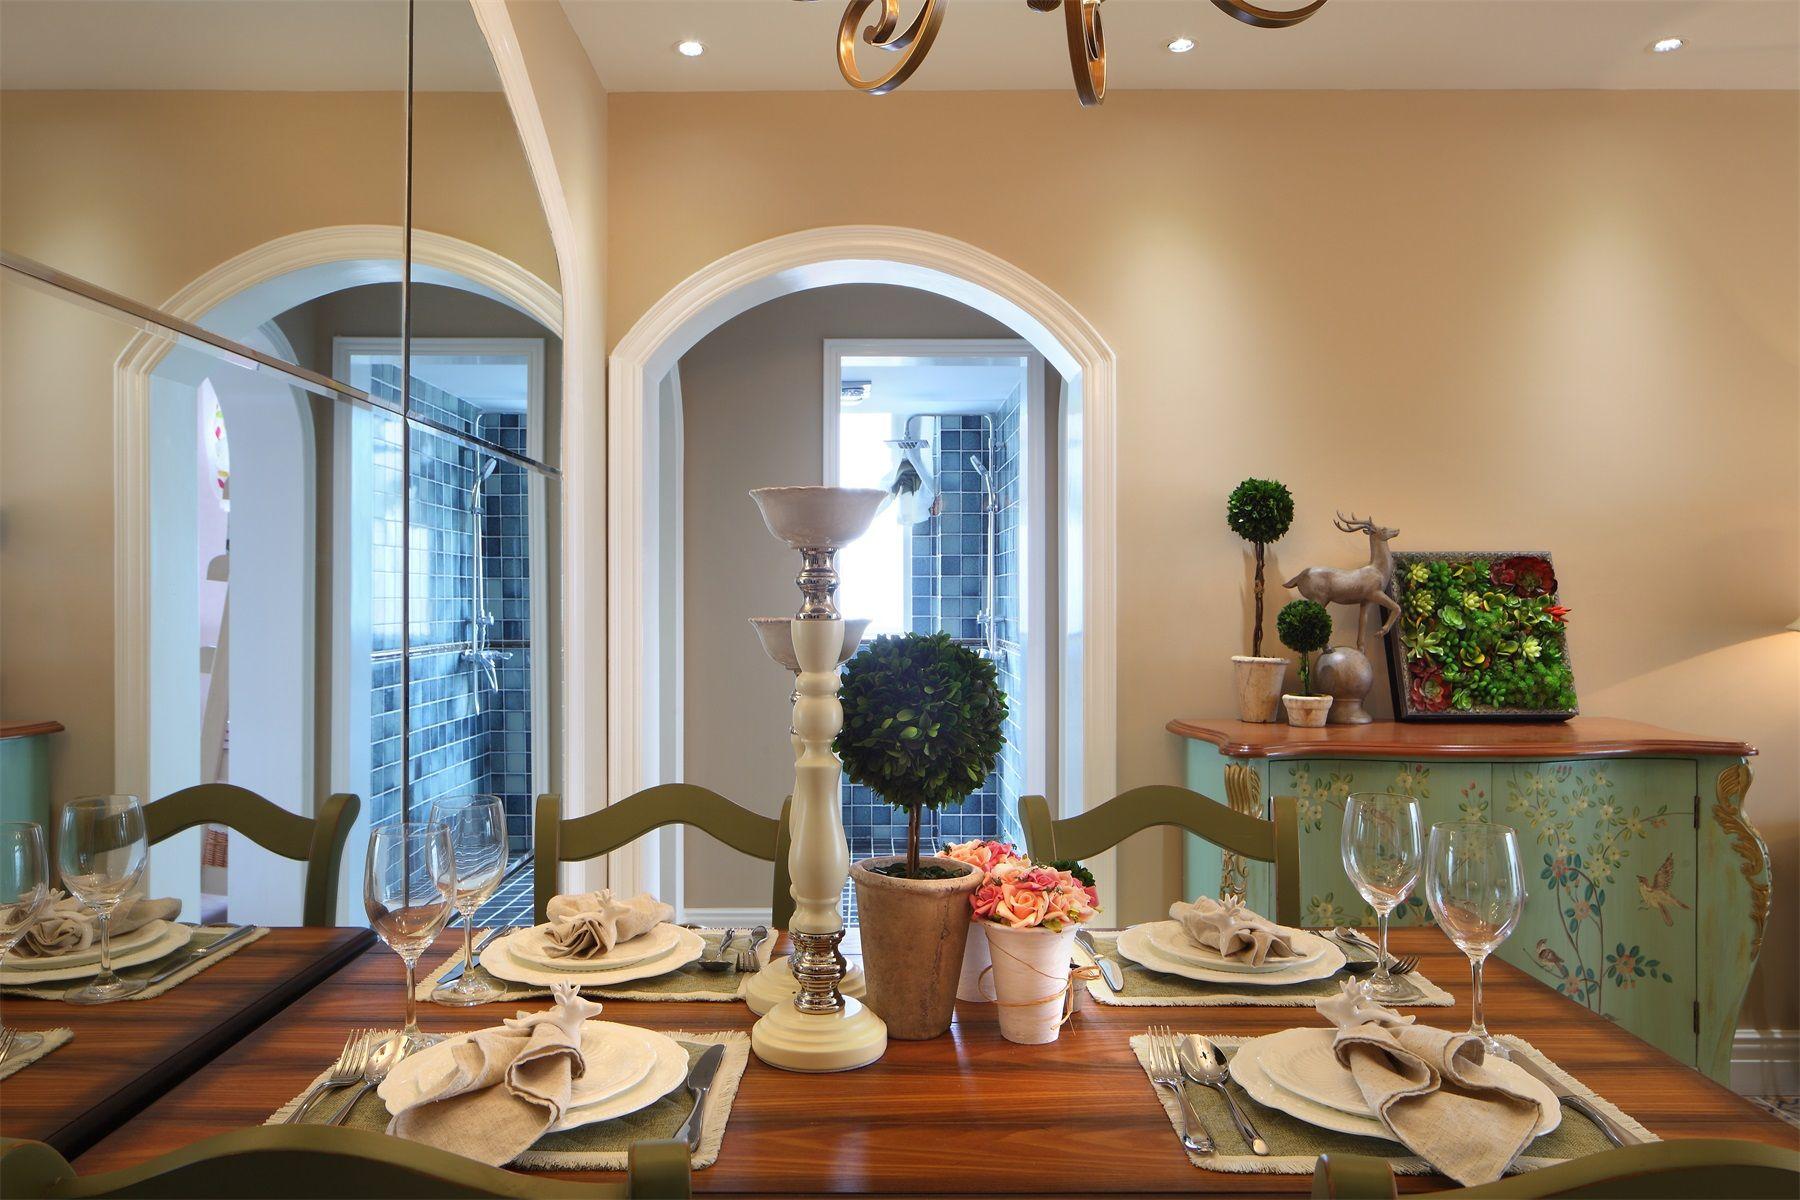 餐桌上很有一种吃饭的仪式感,刀叉盘子高脚杯整齐的摆放好,有一种庄严隐藏在里面。